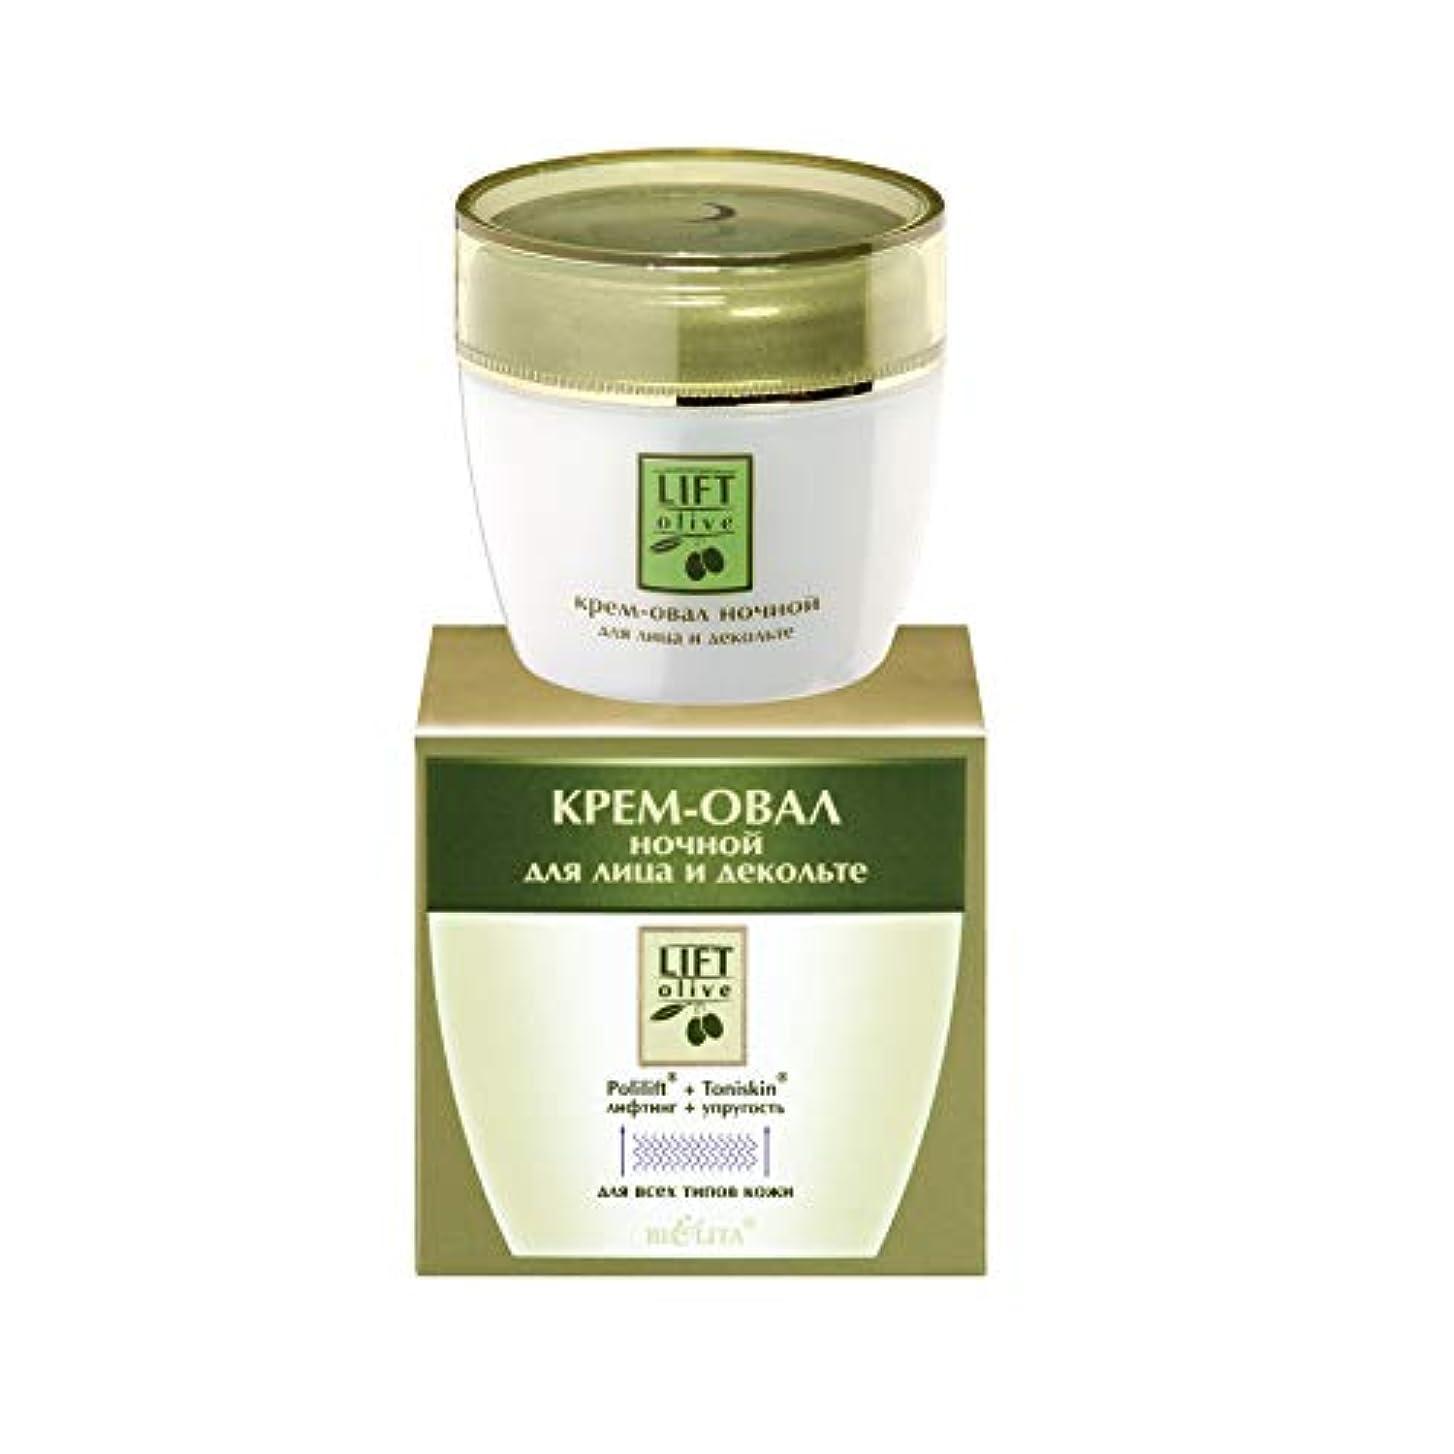 不承認強打あいさつBielita & Vitex | Lift Olive Line | Night Contour Cream for Face and Neck 30+ for All Skin Types, 50 ml | Olive...